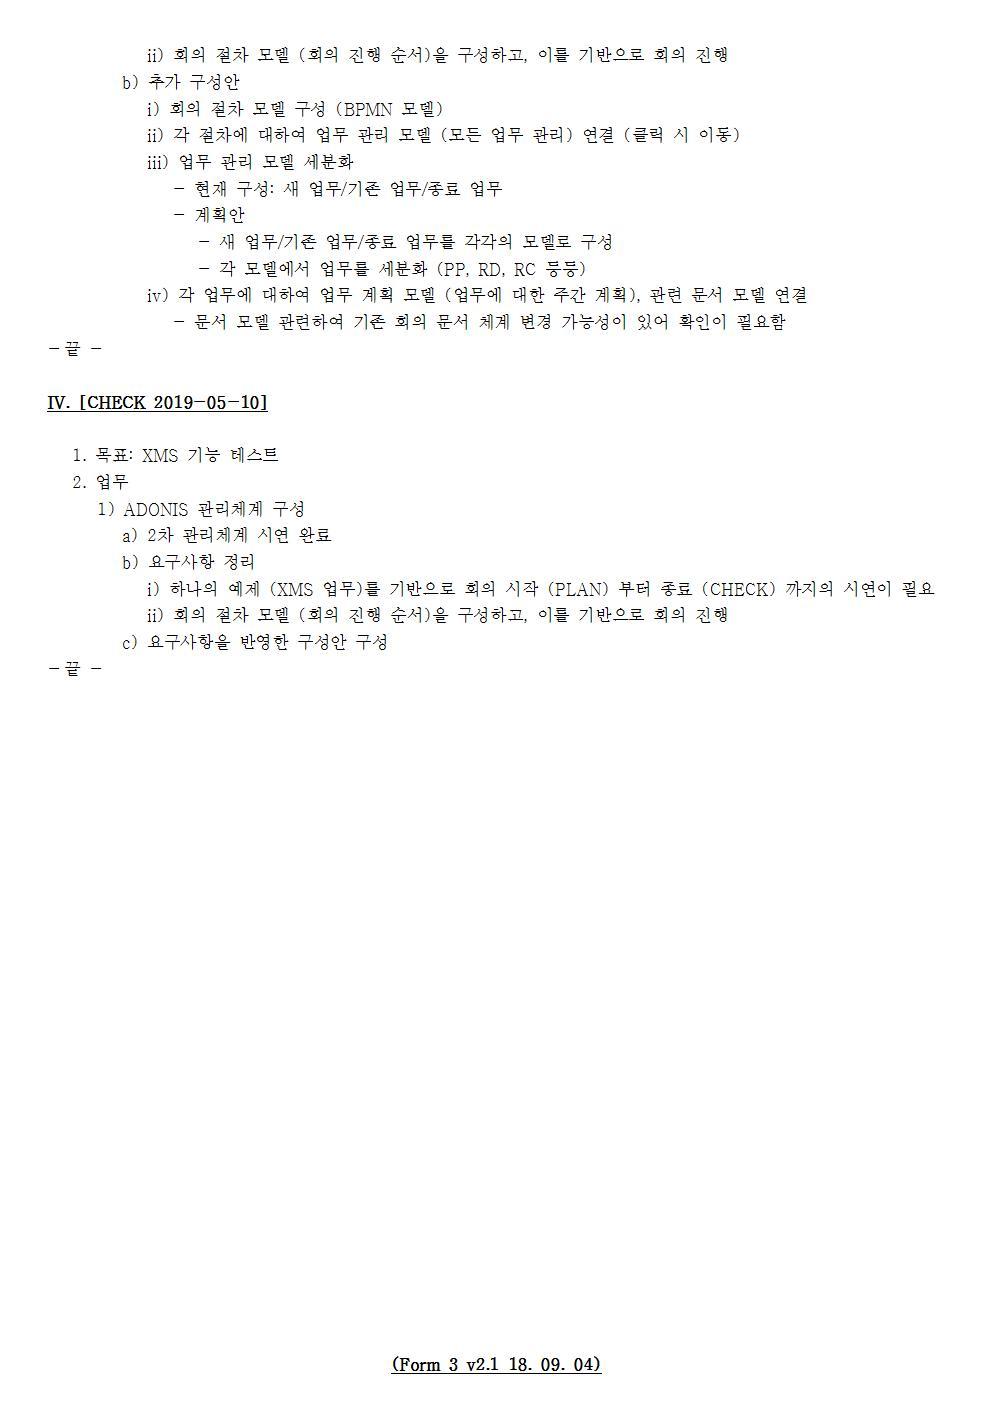 D-[19-027-RC-05]-[XMS]-[2019-05-10][YB]002.jpg